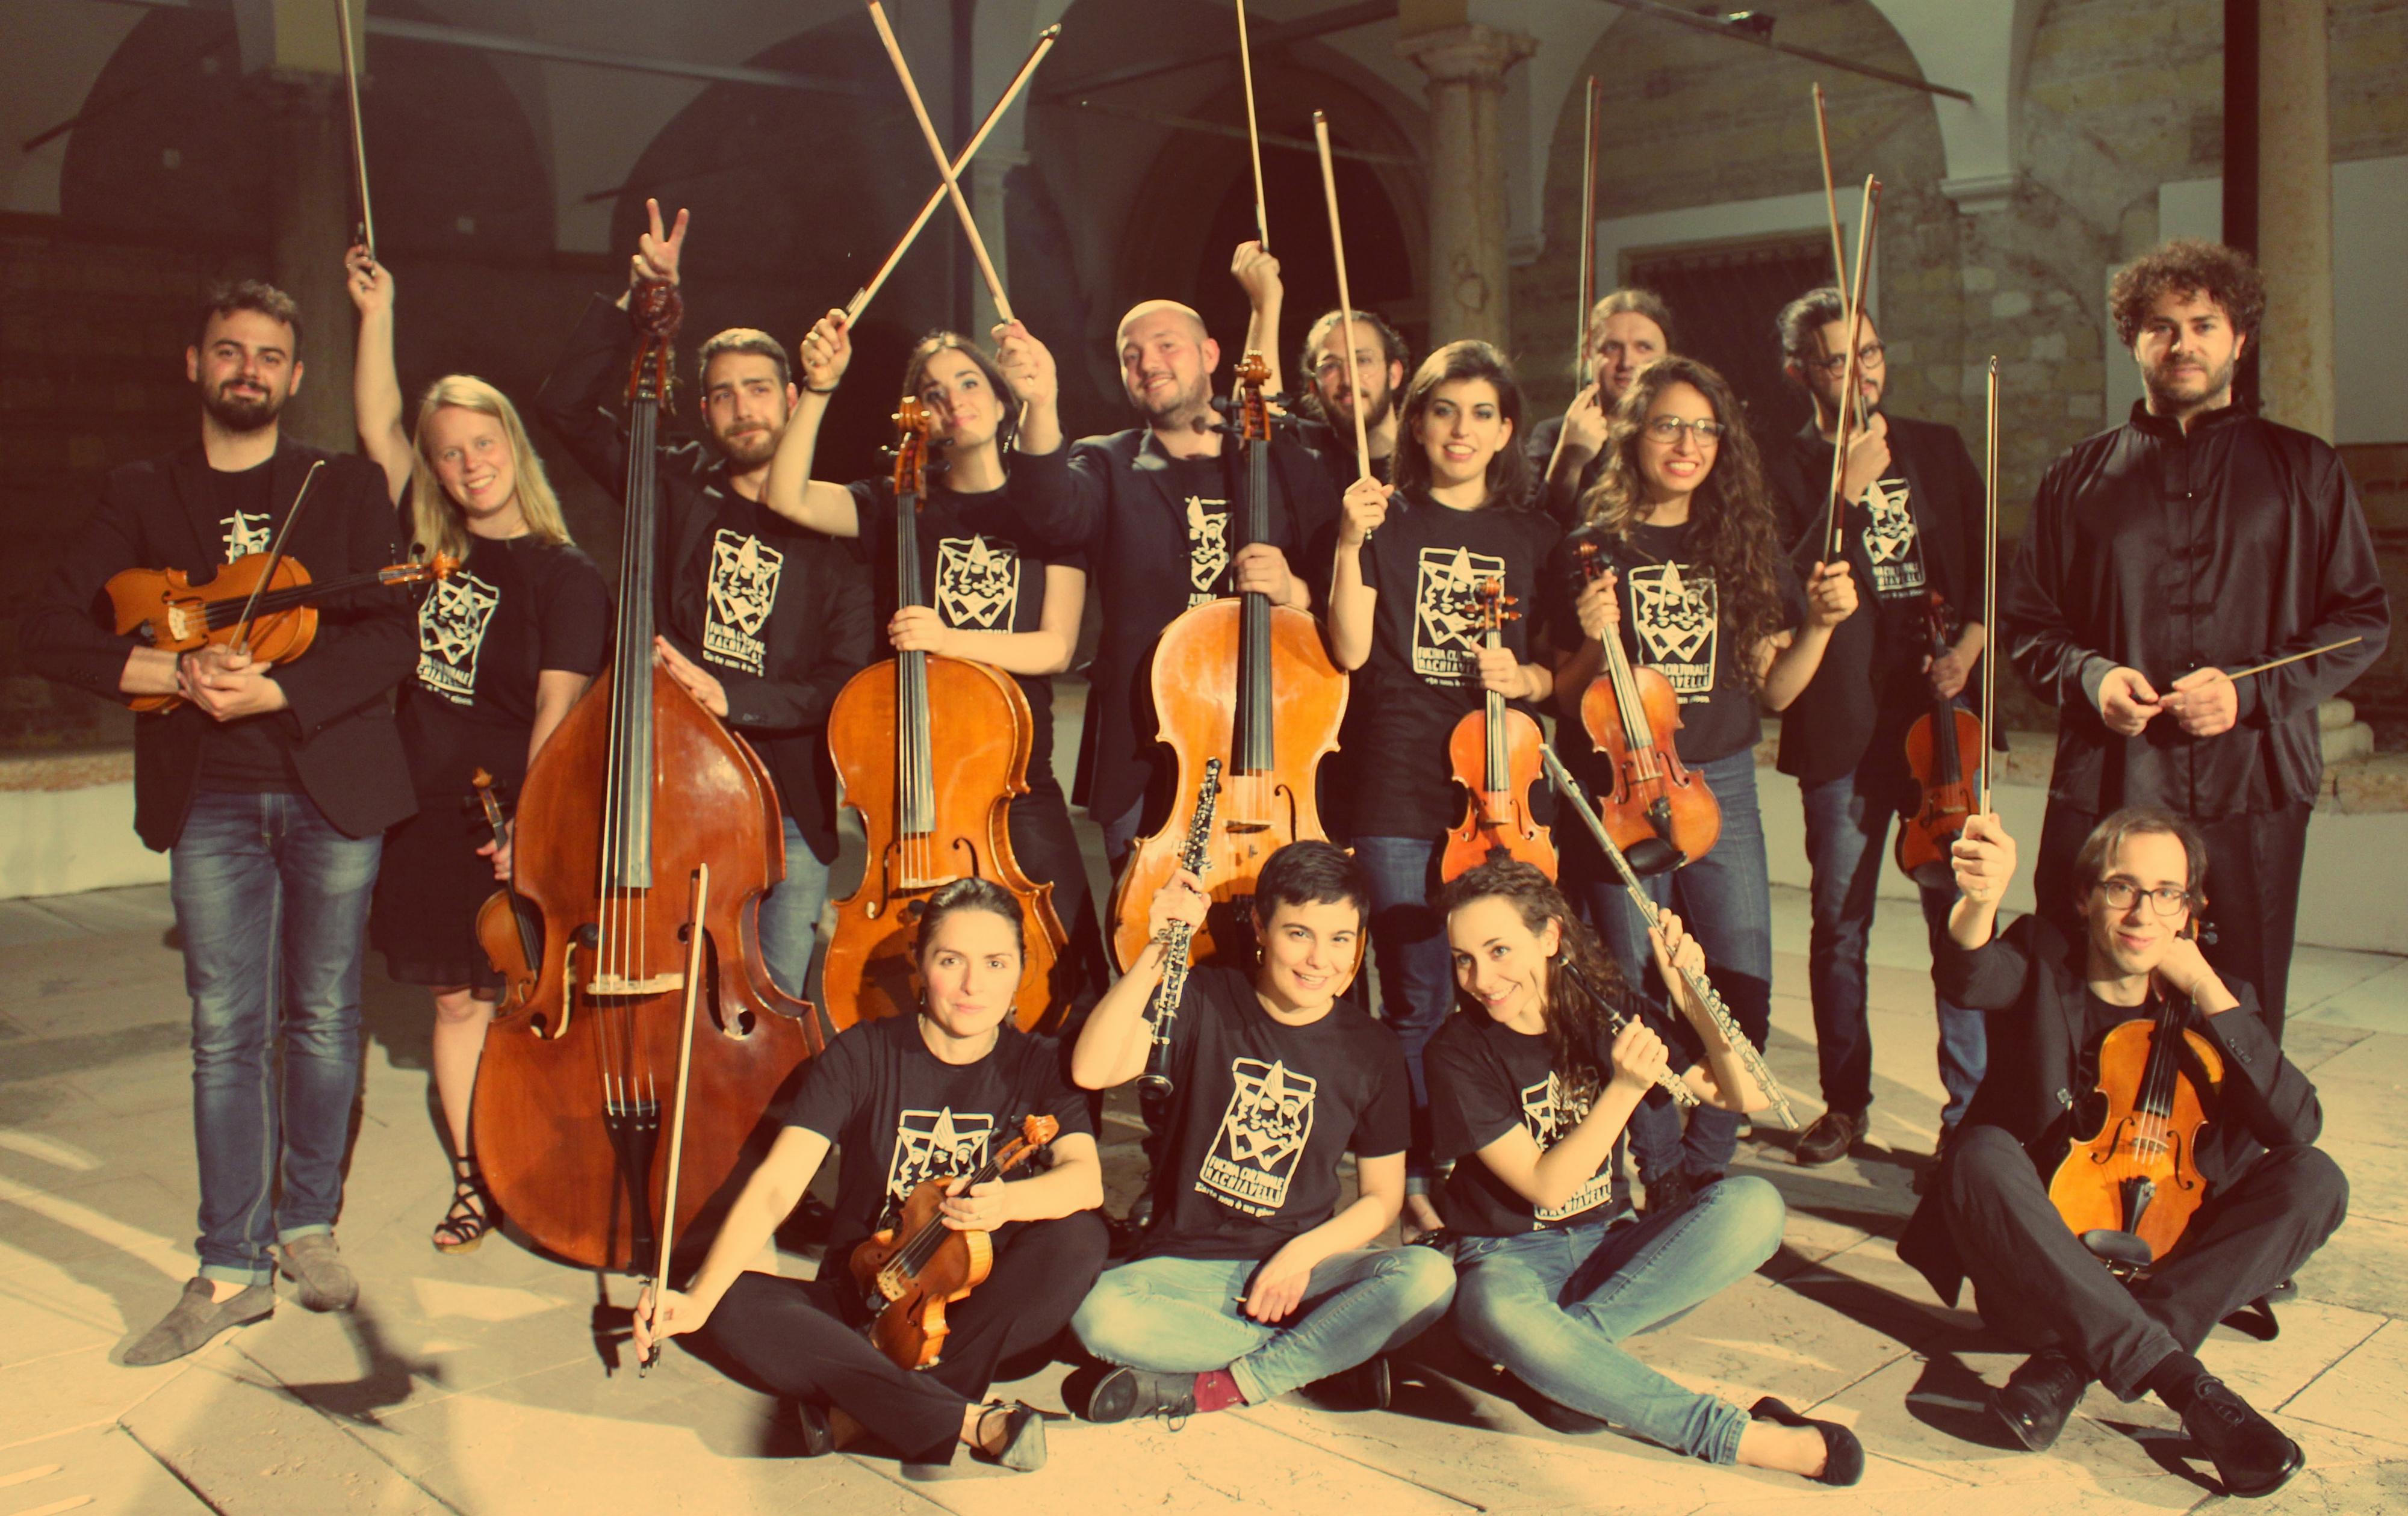 orchestra-machiavelli-fucina culturale machiavelli